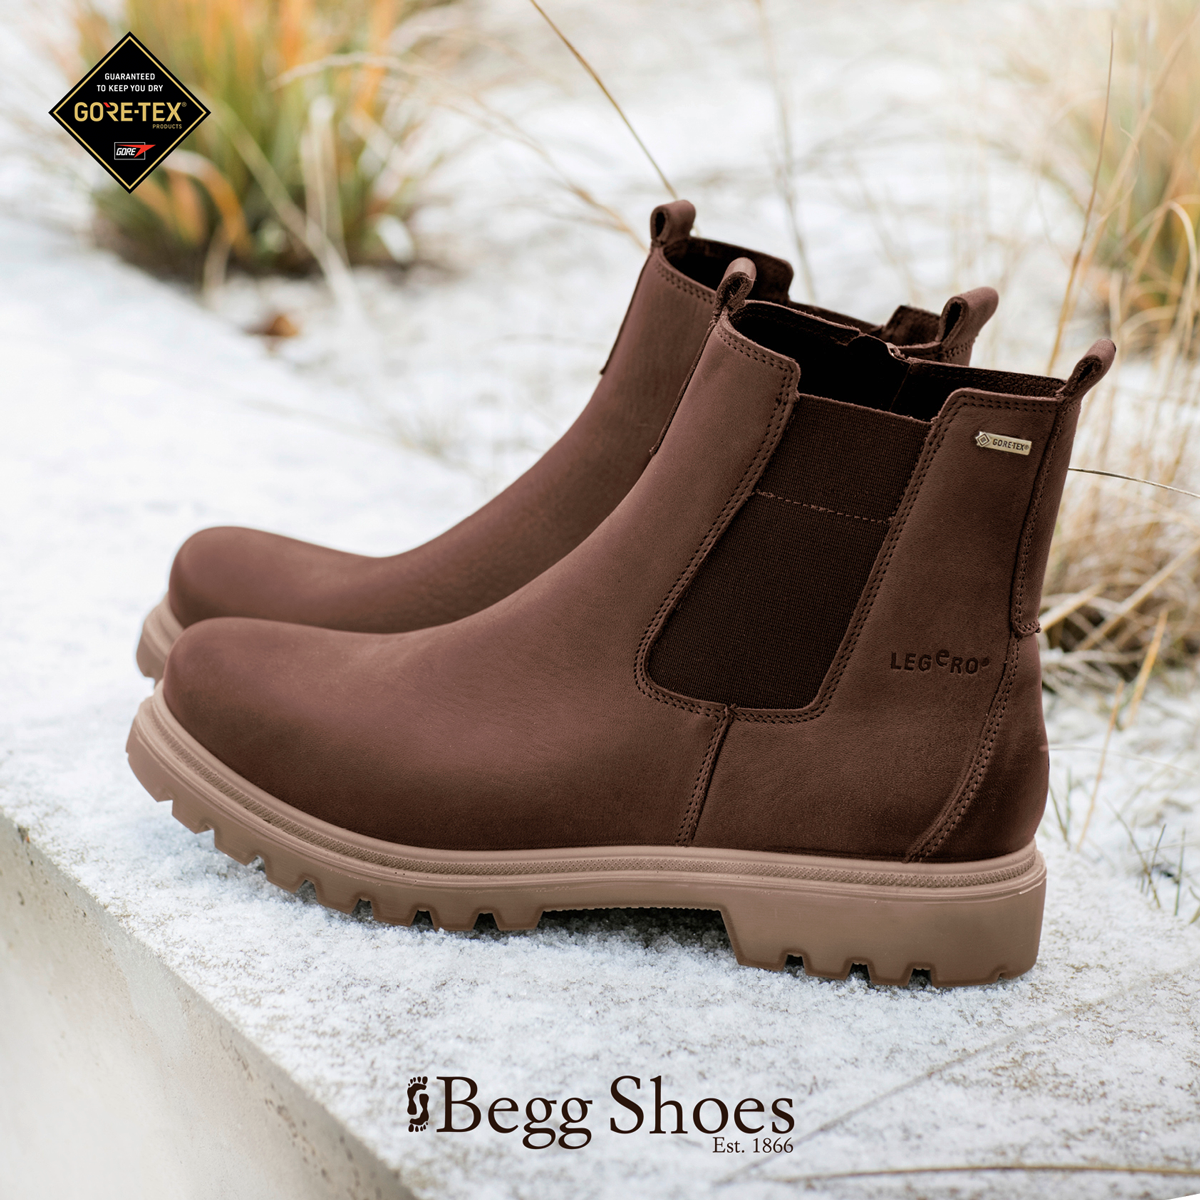 0966331 monta gore tex Chelsea ankelstøvler, støvler  Chelsea ankle boots, Boots